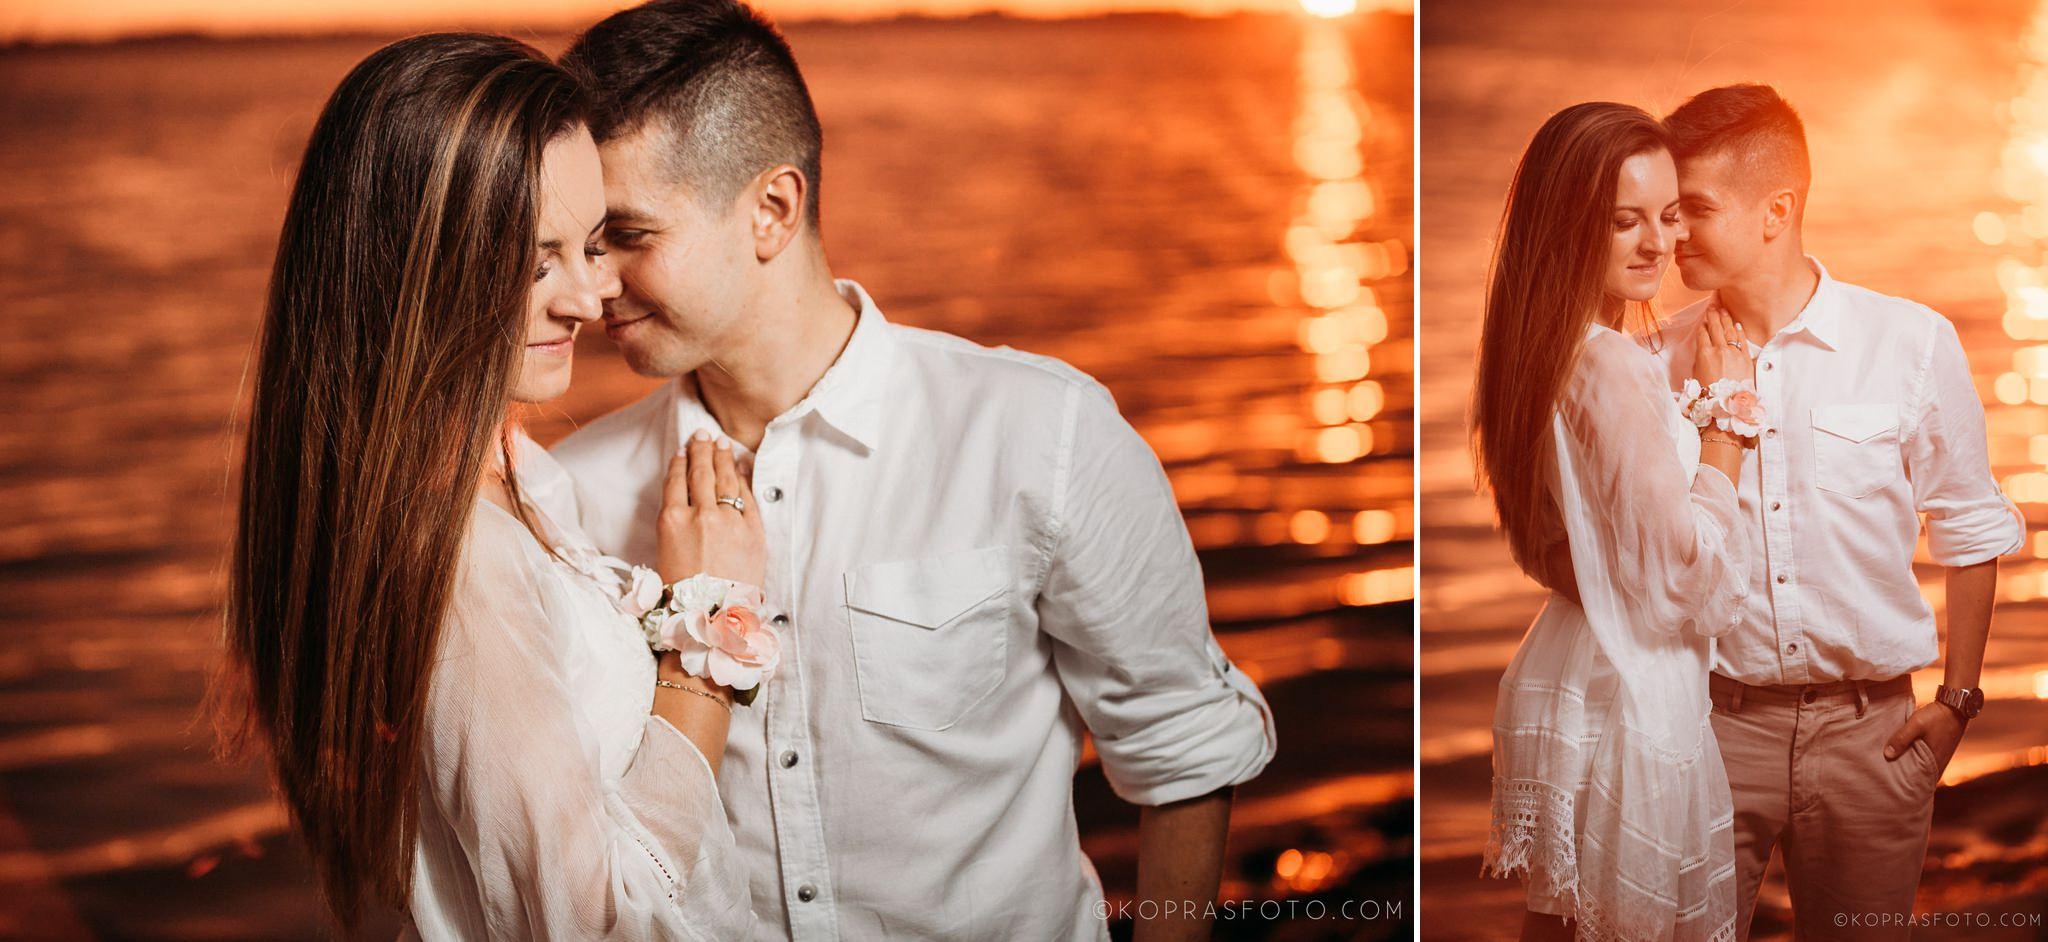 romantyczna sesja narzeczeńska, piękne zdjęcia, kreatywna fotografia, zbiornik jeziorsko, zachód słońca,